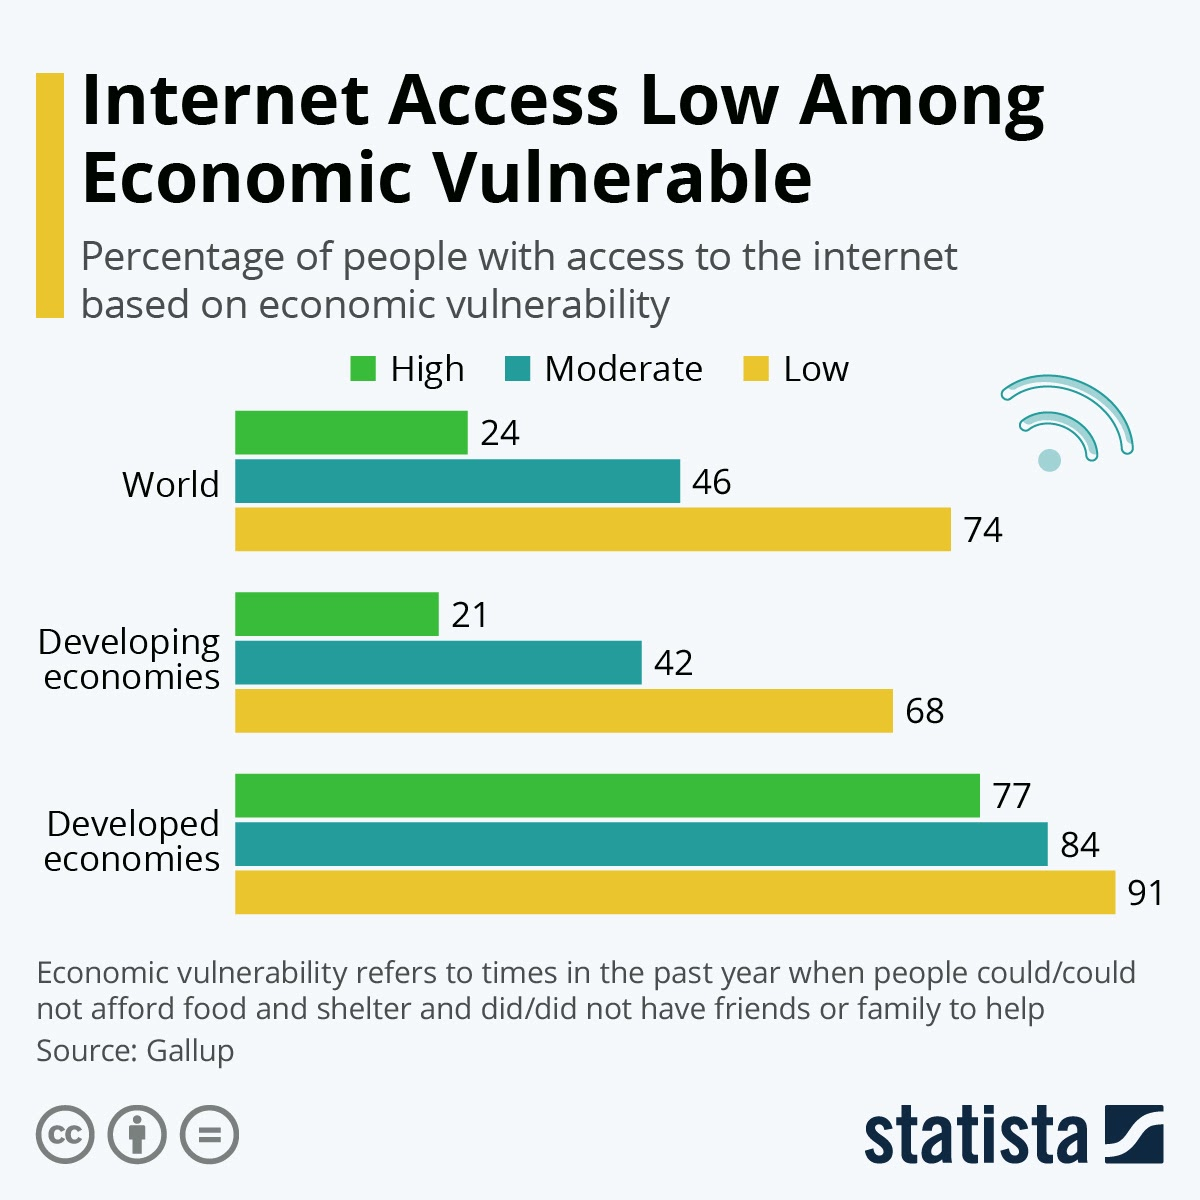 internet-access-low-among-economic-vulnerable